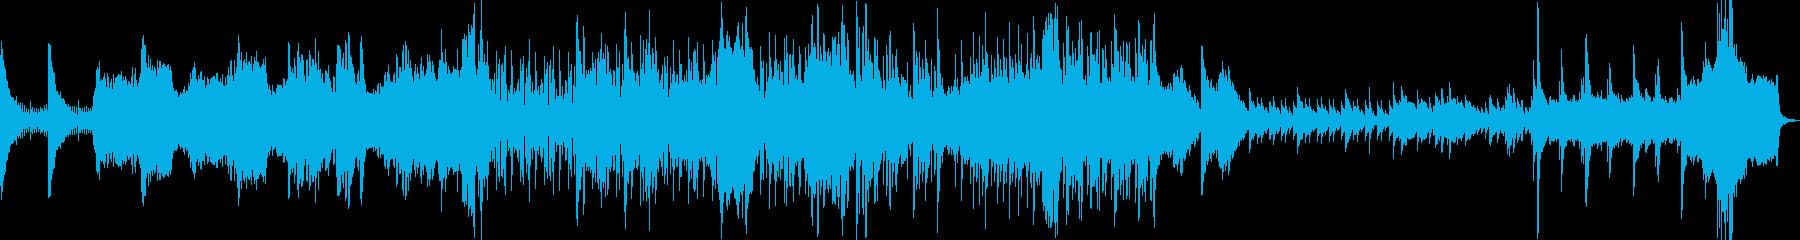 神聖で不気味なホラー曲の再生済みの波形